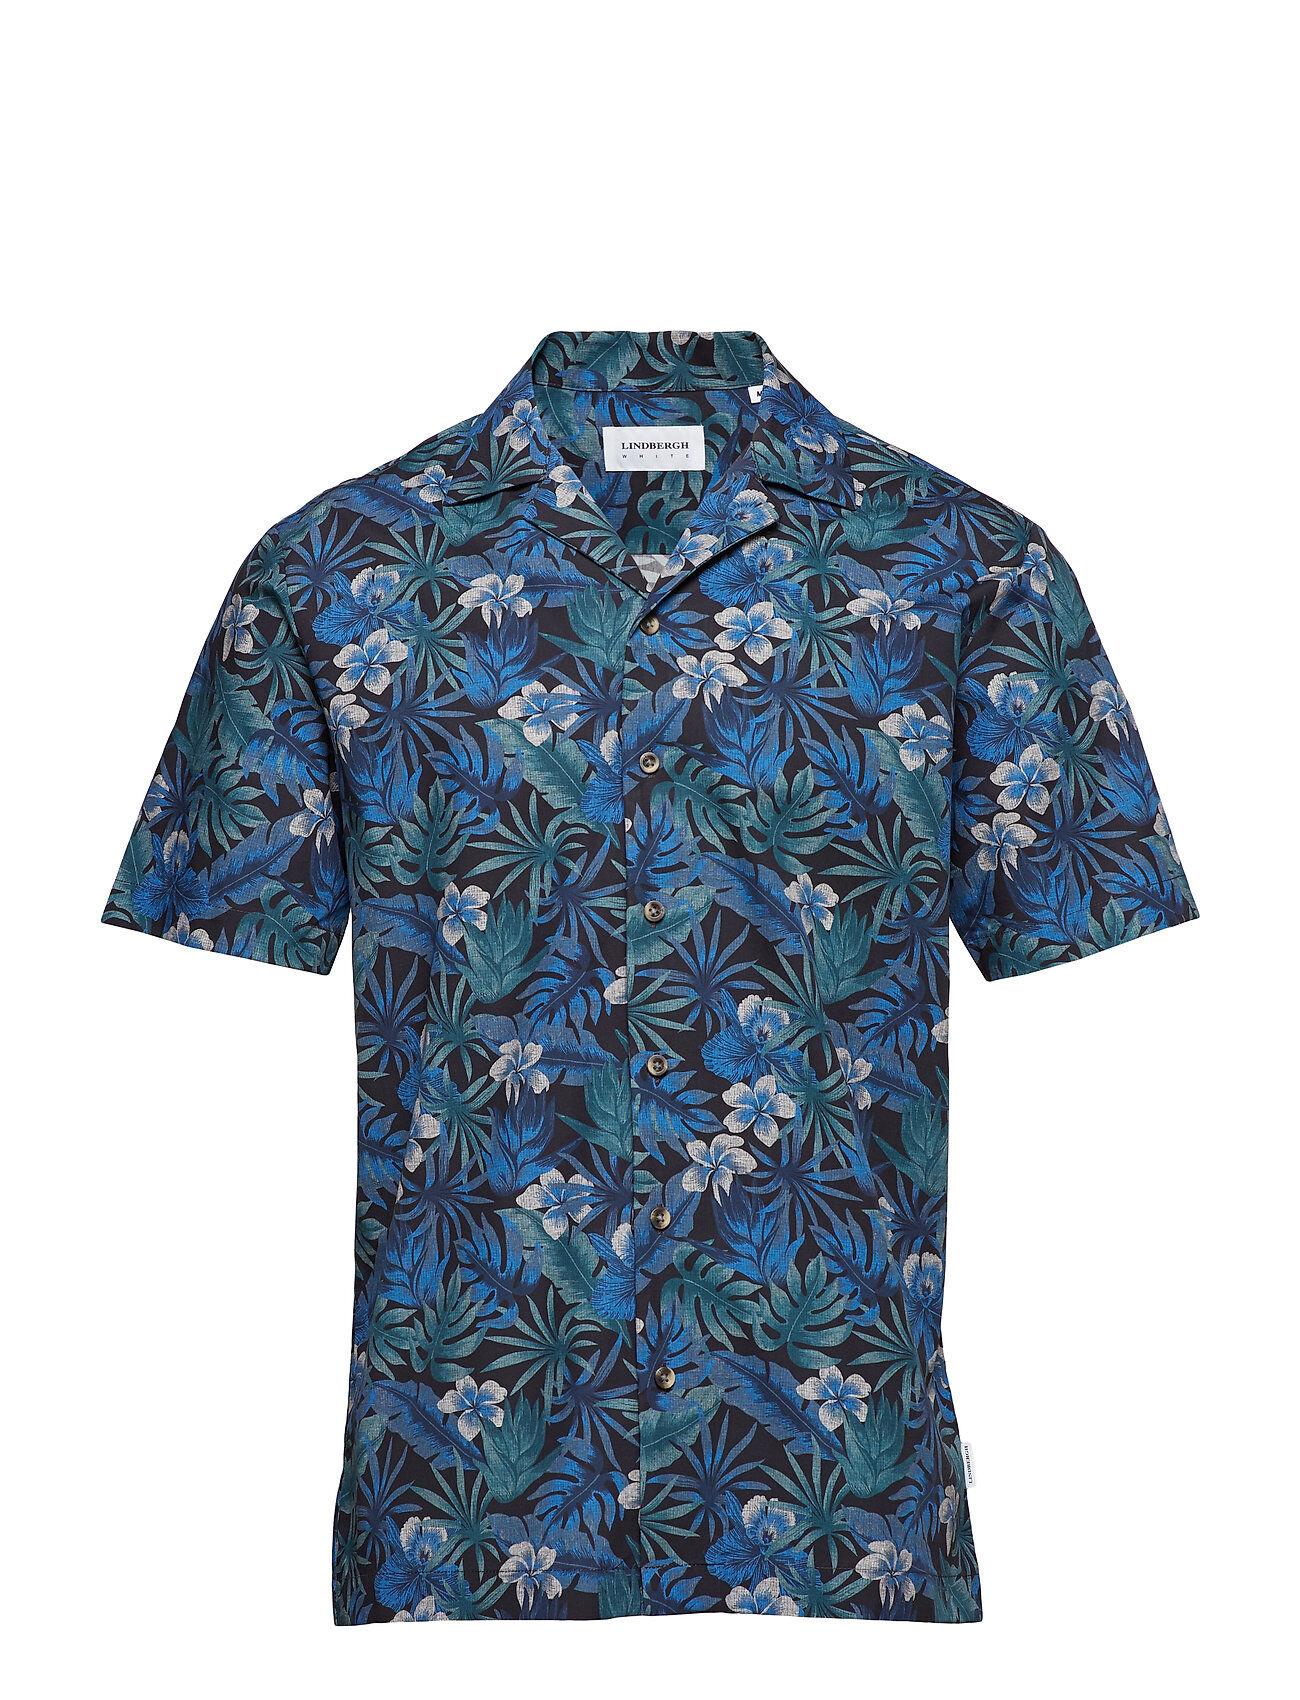 Lindbergh Printed Resort Shirt S/S